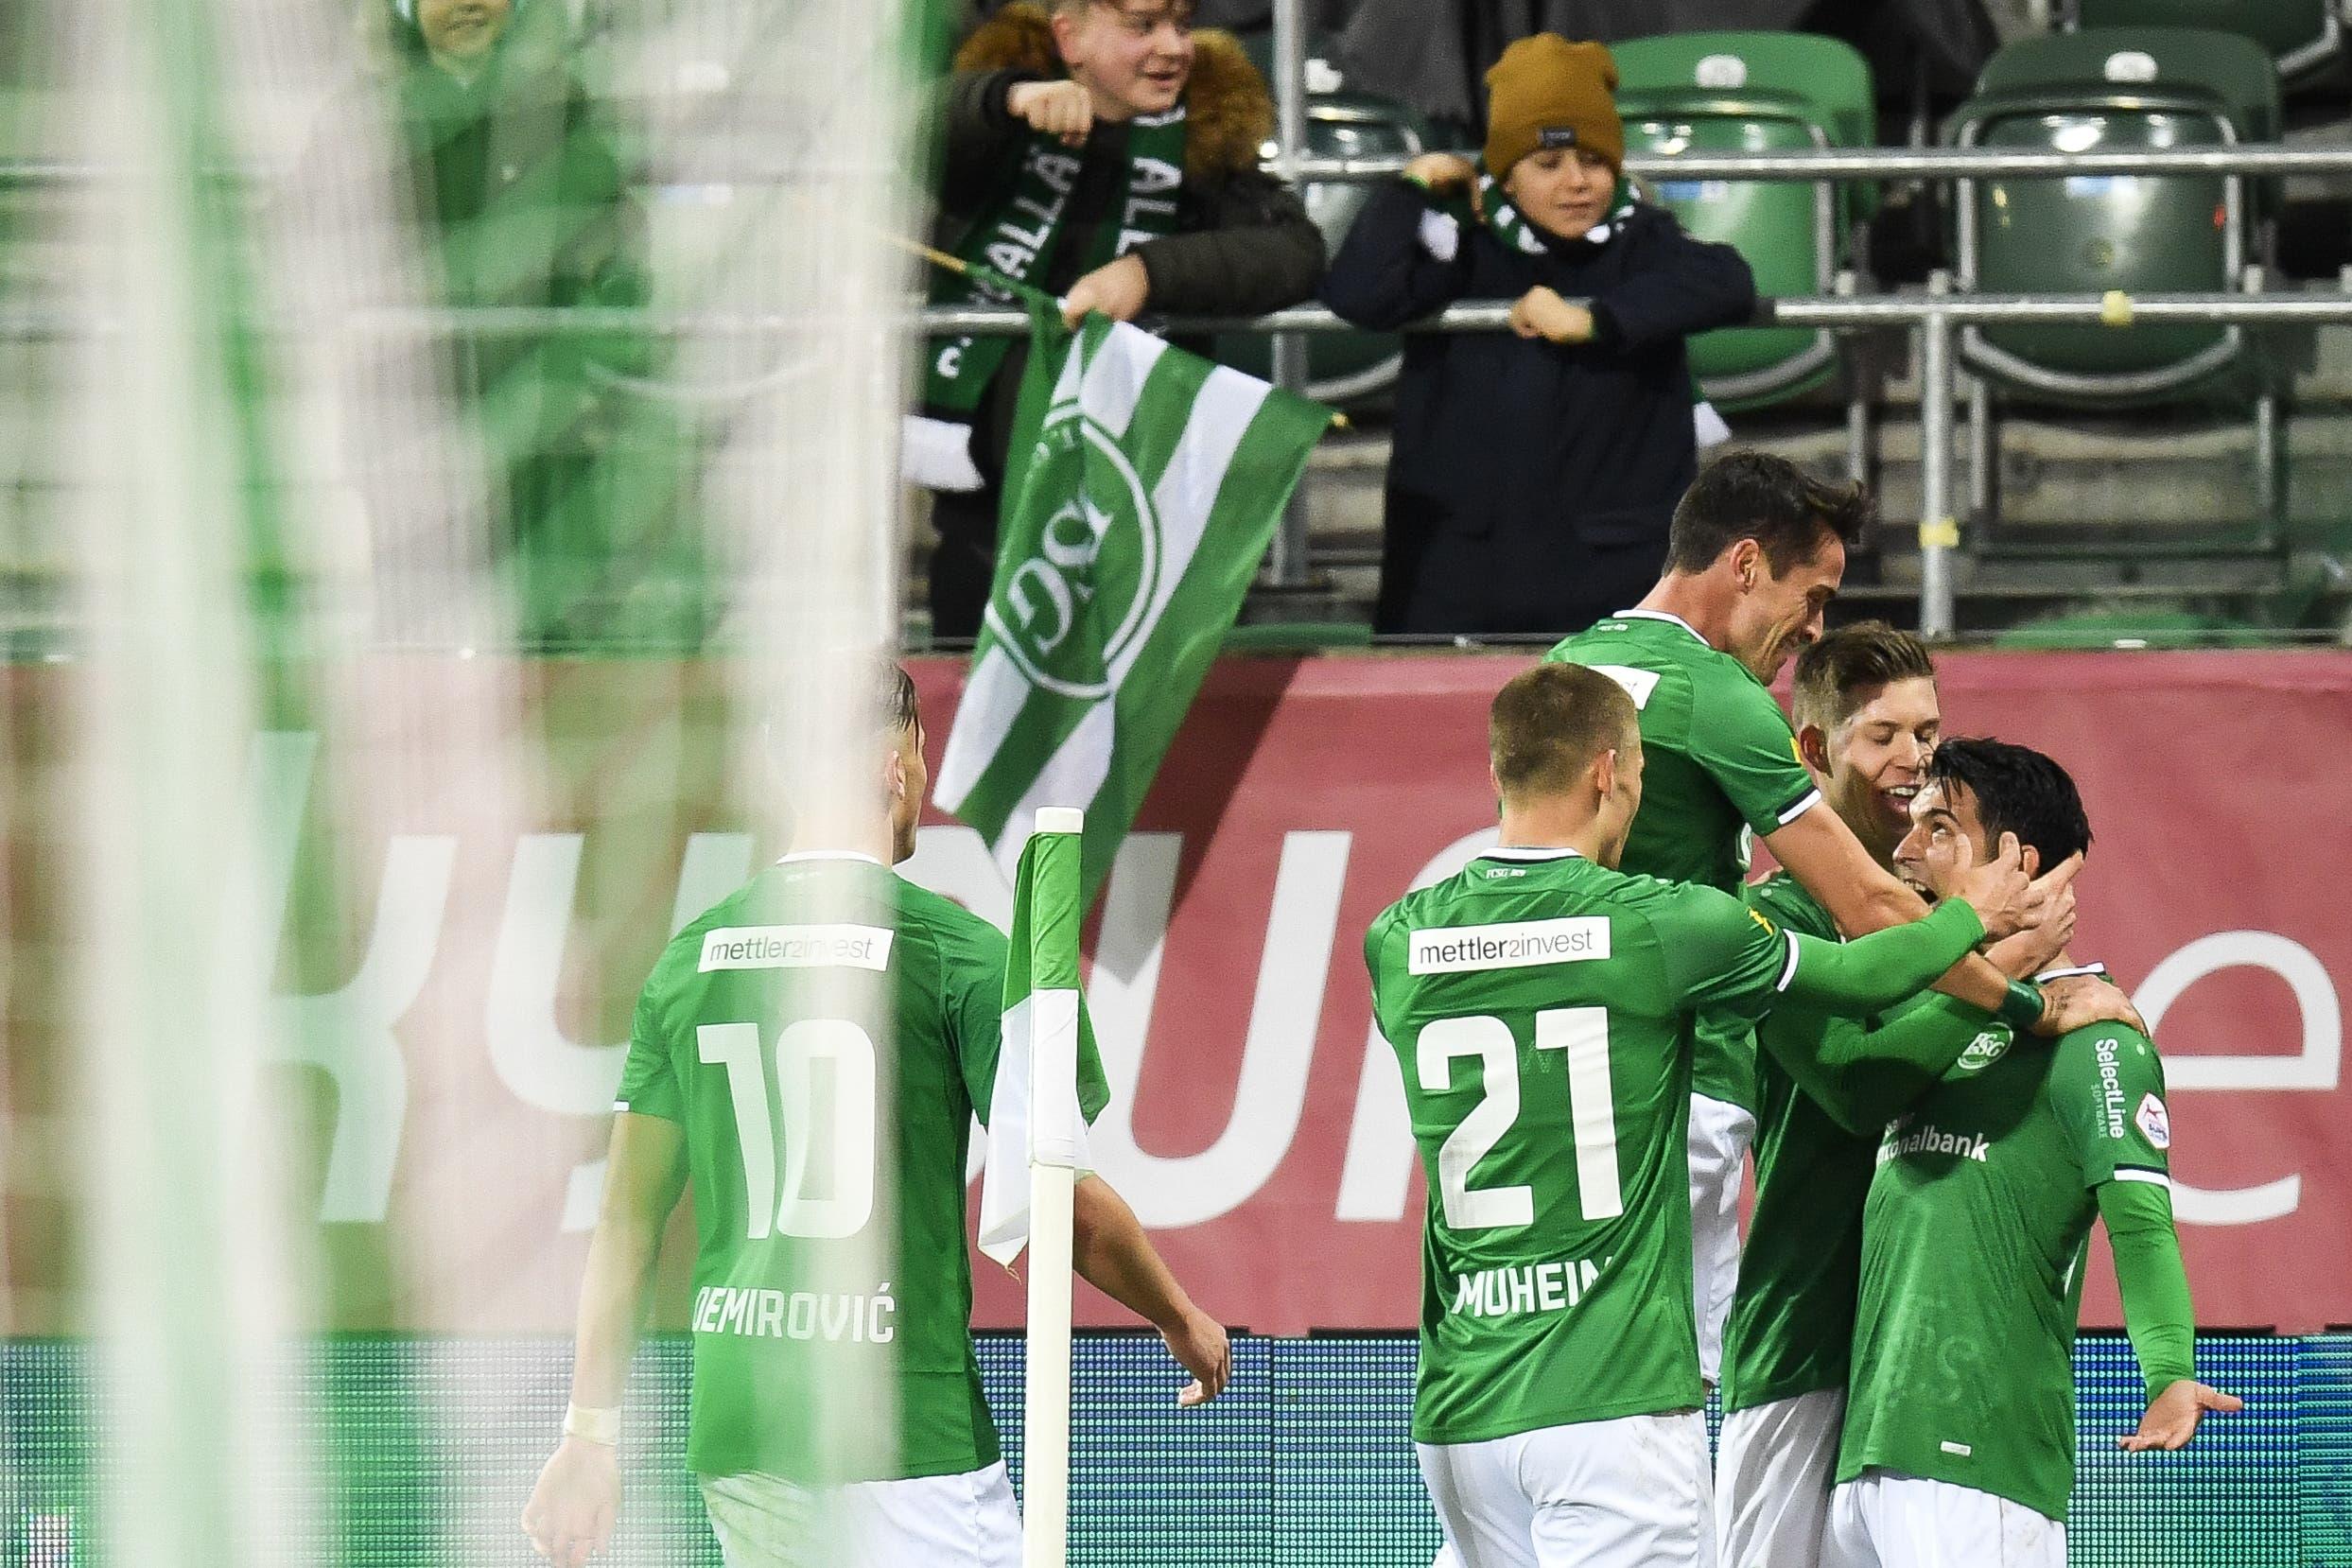 Ein Doppelschlag gegen den Rückrunden-Blues: Der FC St.Gallen dreht das Spiel gegen Lugano innert Minutenfrist | St.Galler Tagblatt